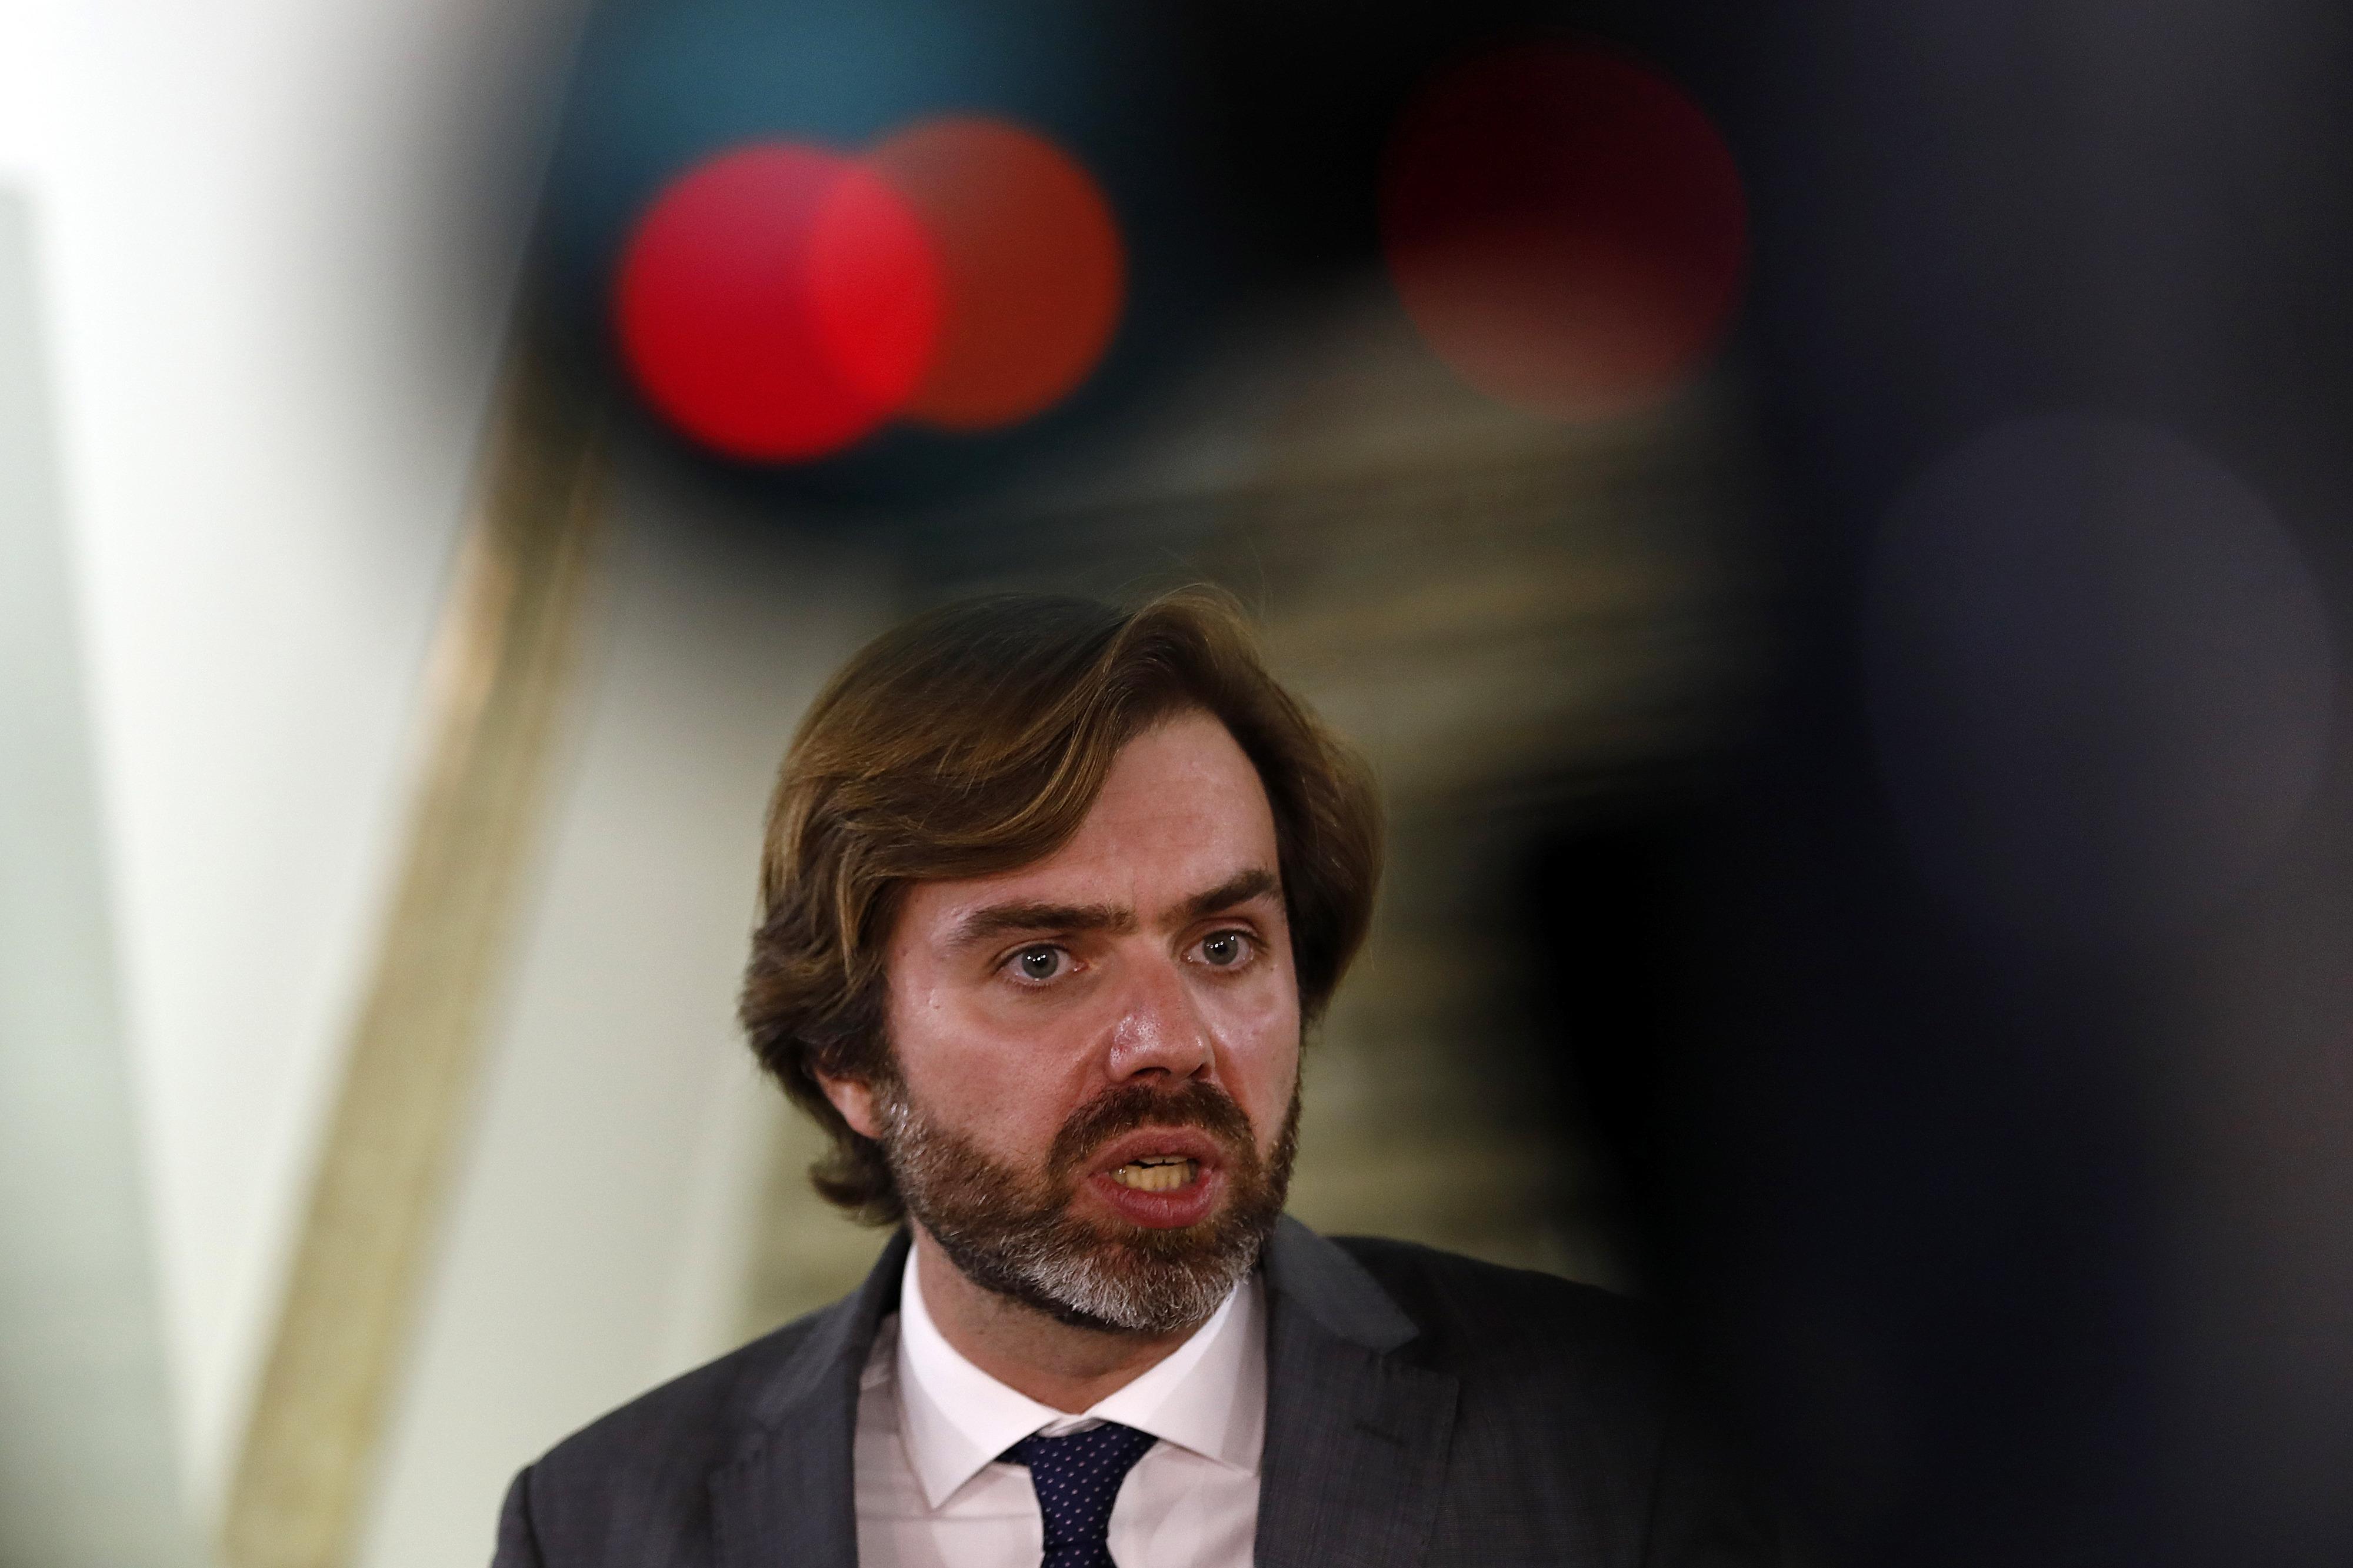 """Parcerias Público-Privadas: CDS quer reforçar """"rigor e transparência"""" na revisão do regime e pede apreciação parlamentar"""